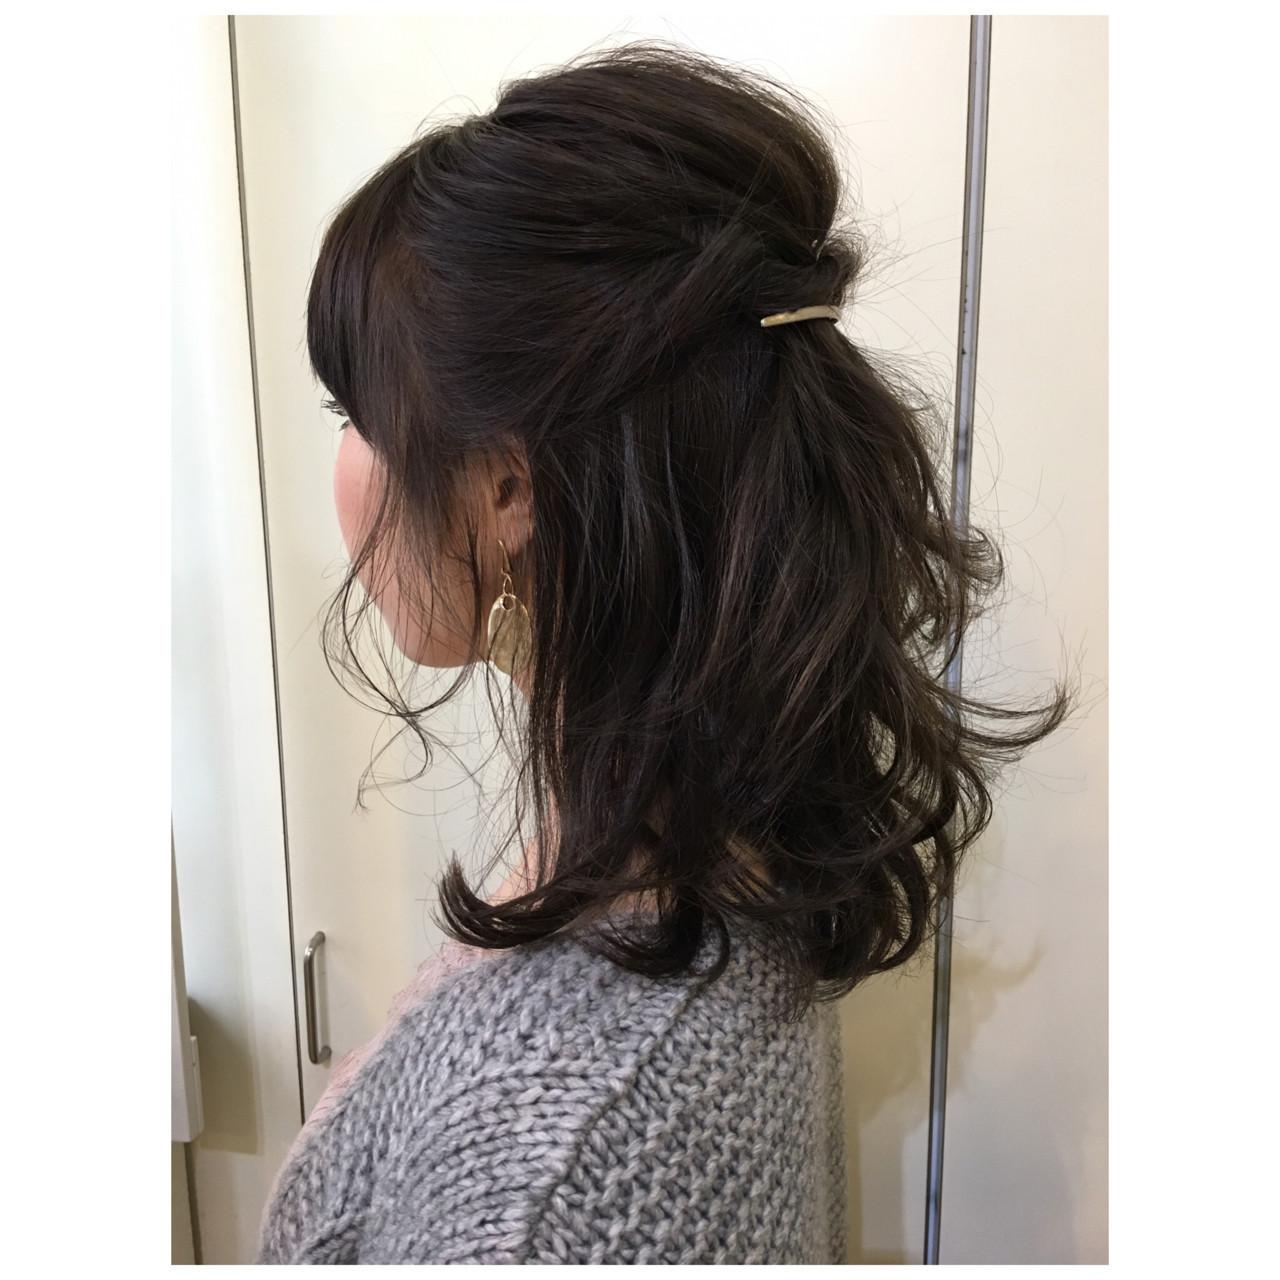 清楚な印象の黒髪ハーフアップ♡ Yumi Hiramatsu